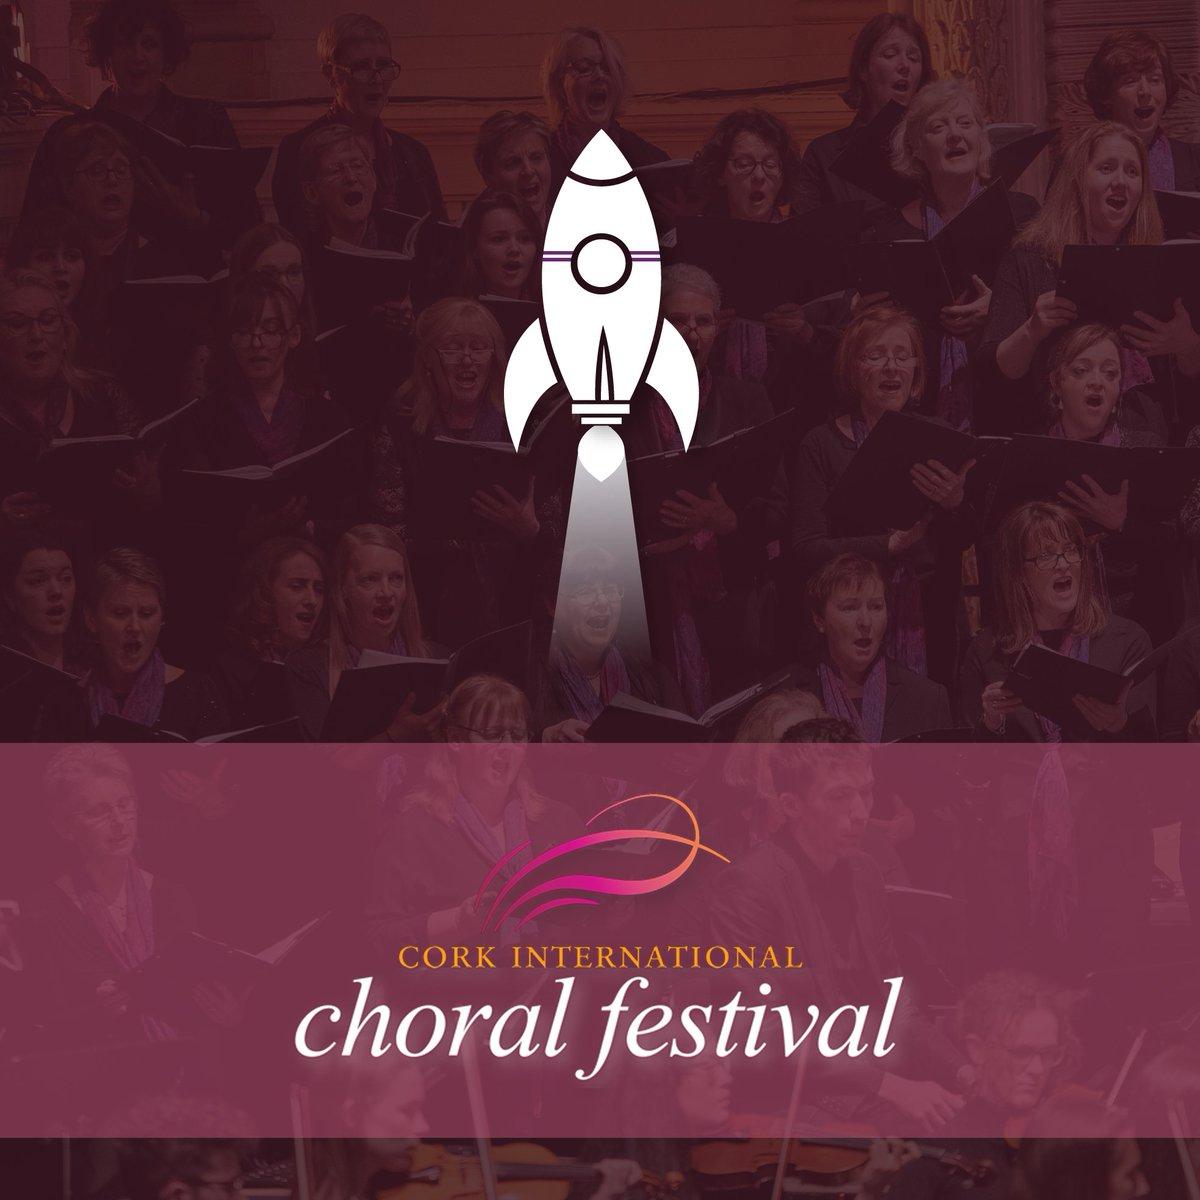 Cork International Choral Festival (@corkchoralfest) | Twitter